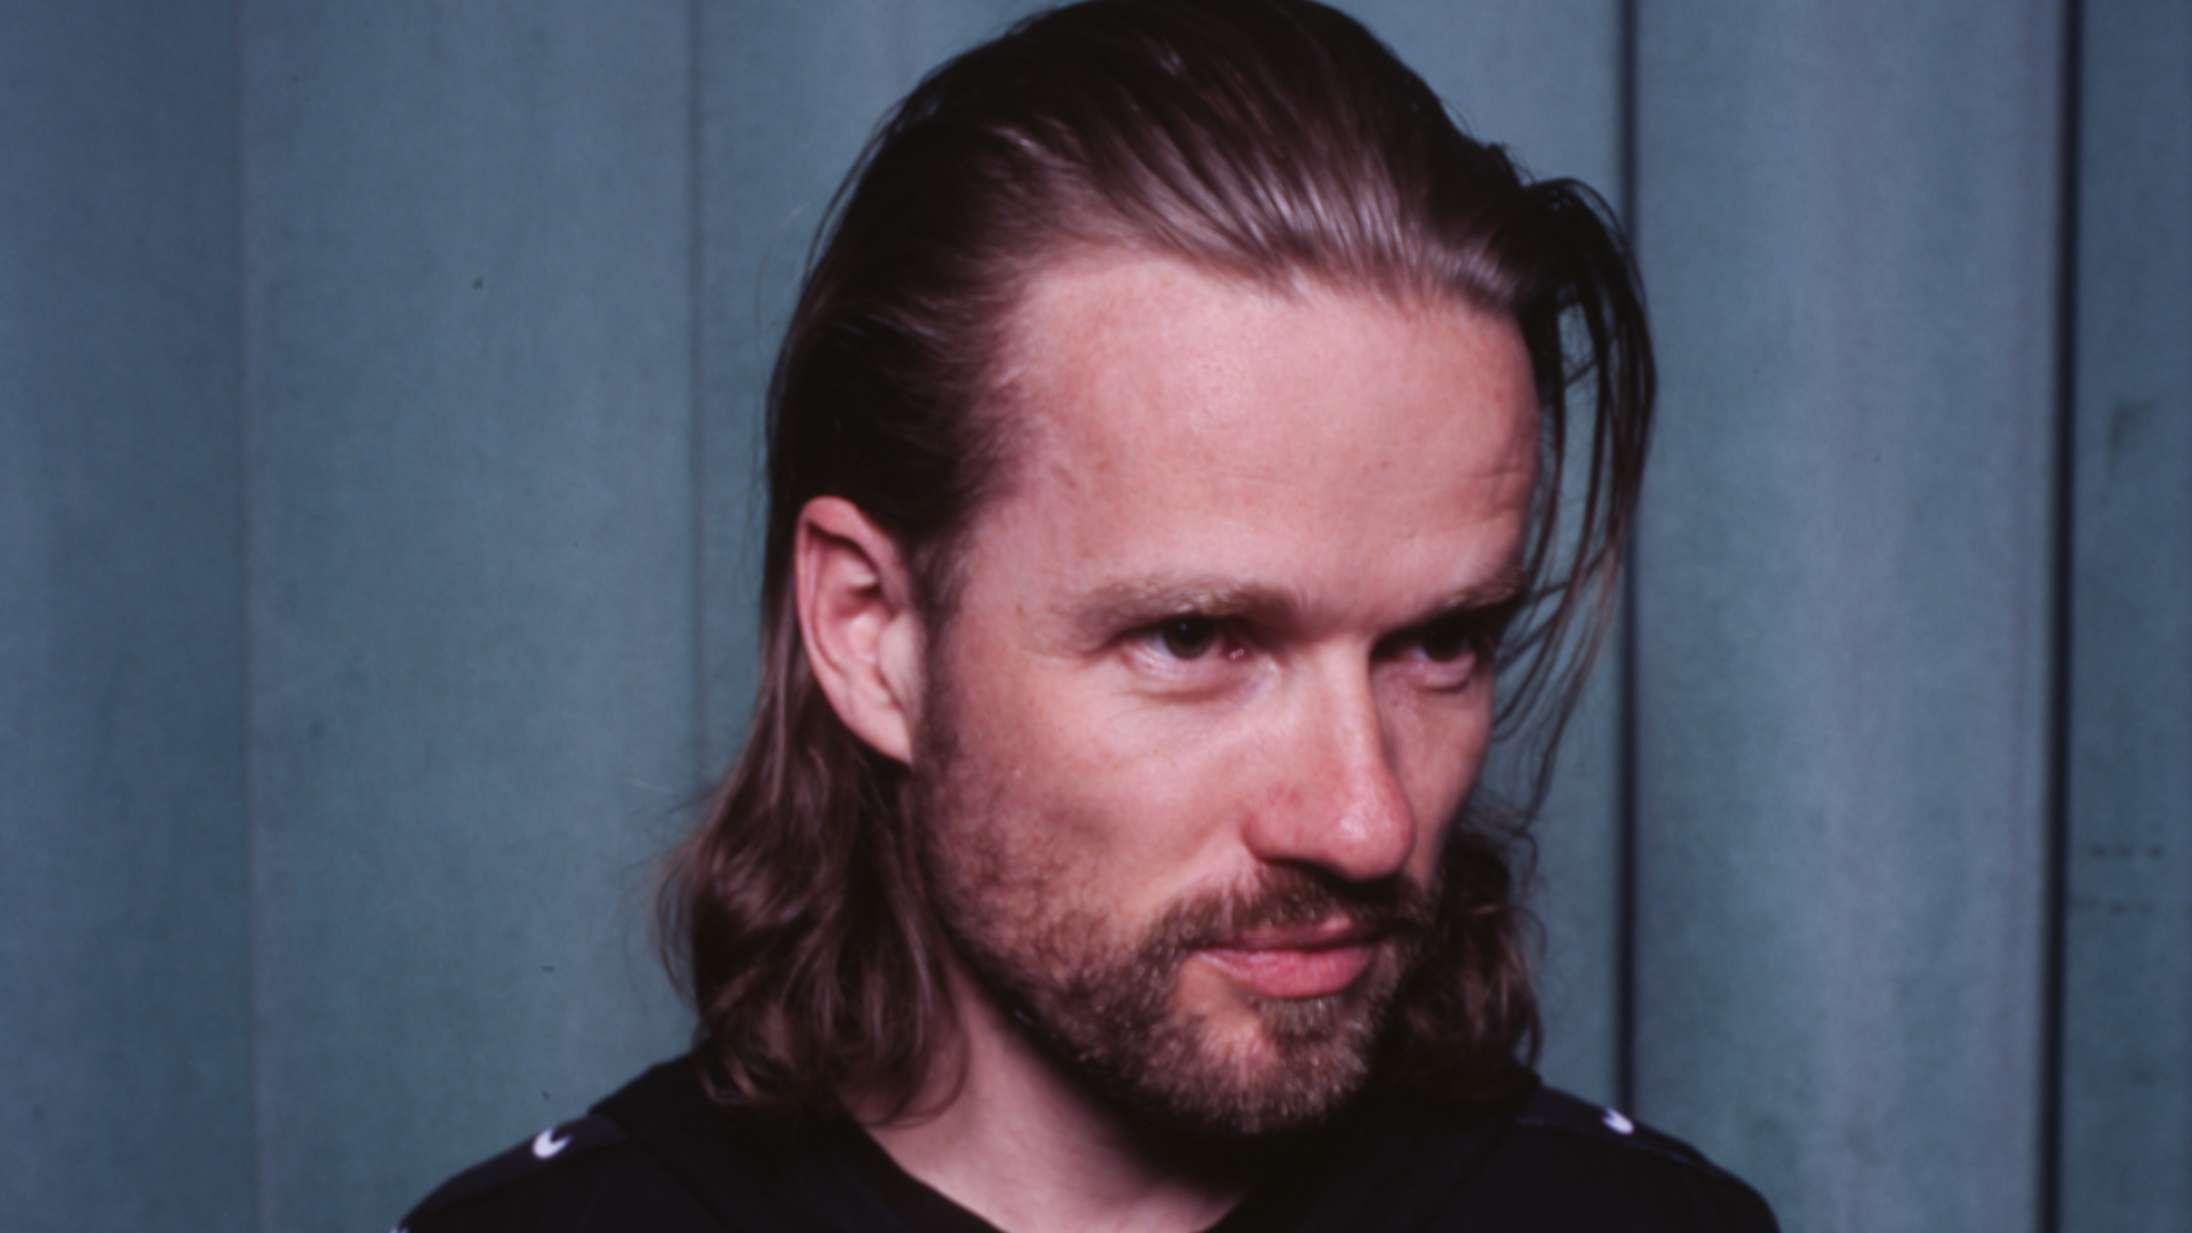 Rune Rask lancerer soloprojekt: »Jeg bliver nødt til at lave et instrumentalt, men samtidig også et dybt personligt album«